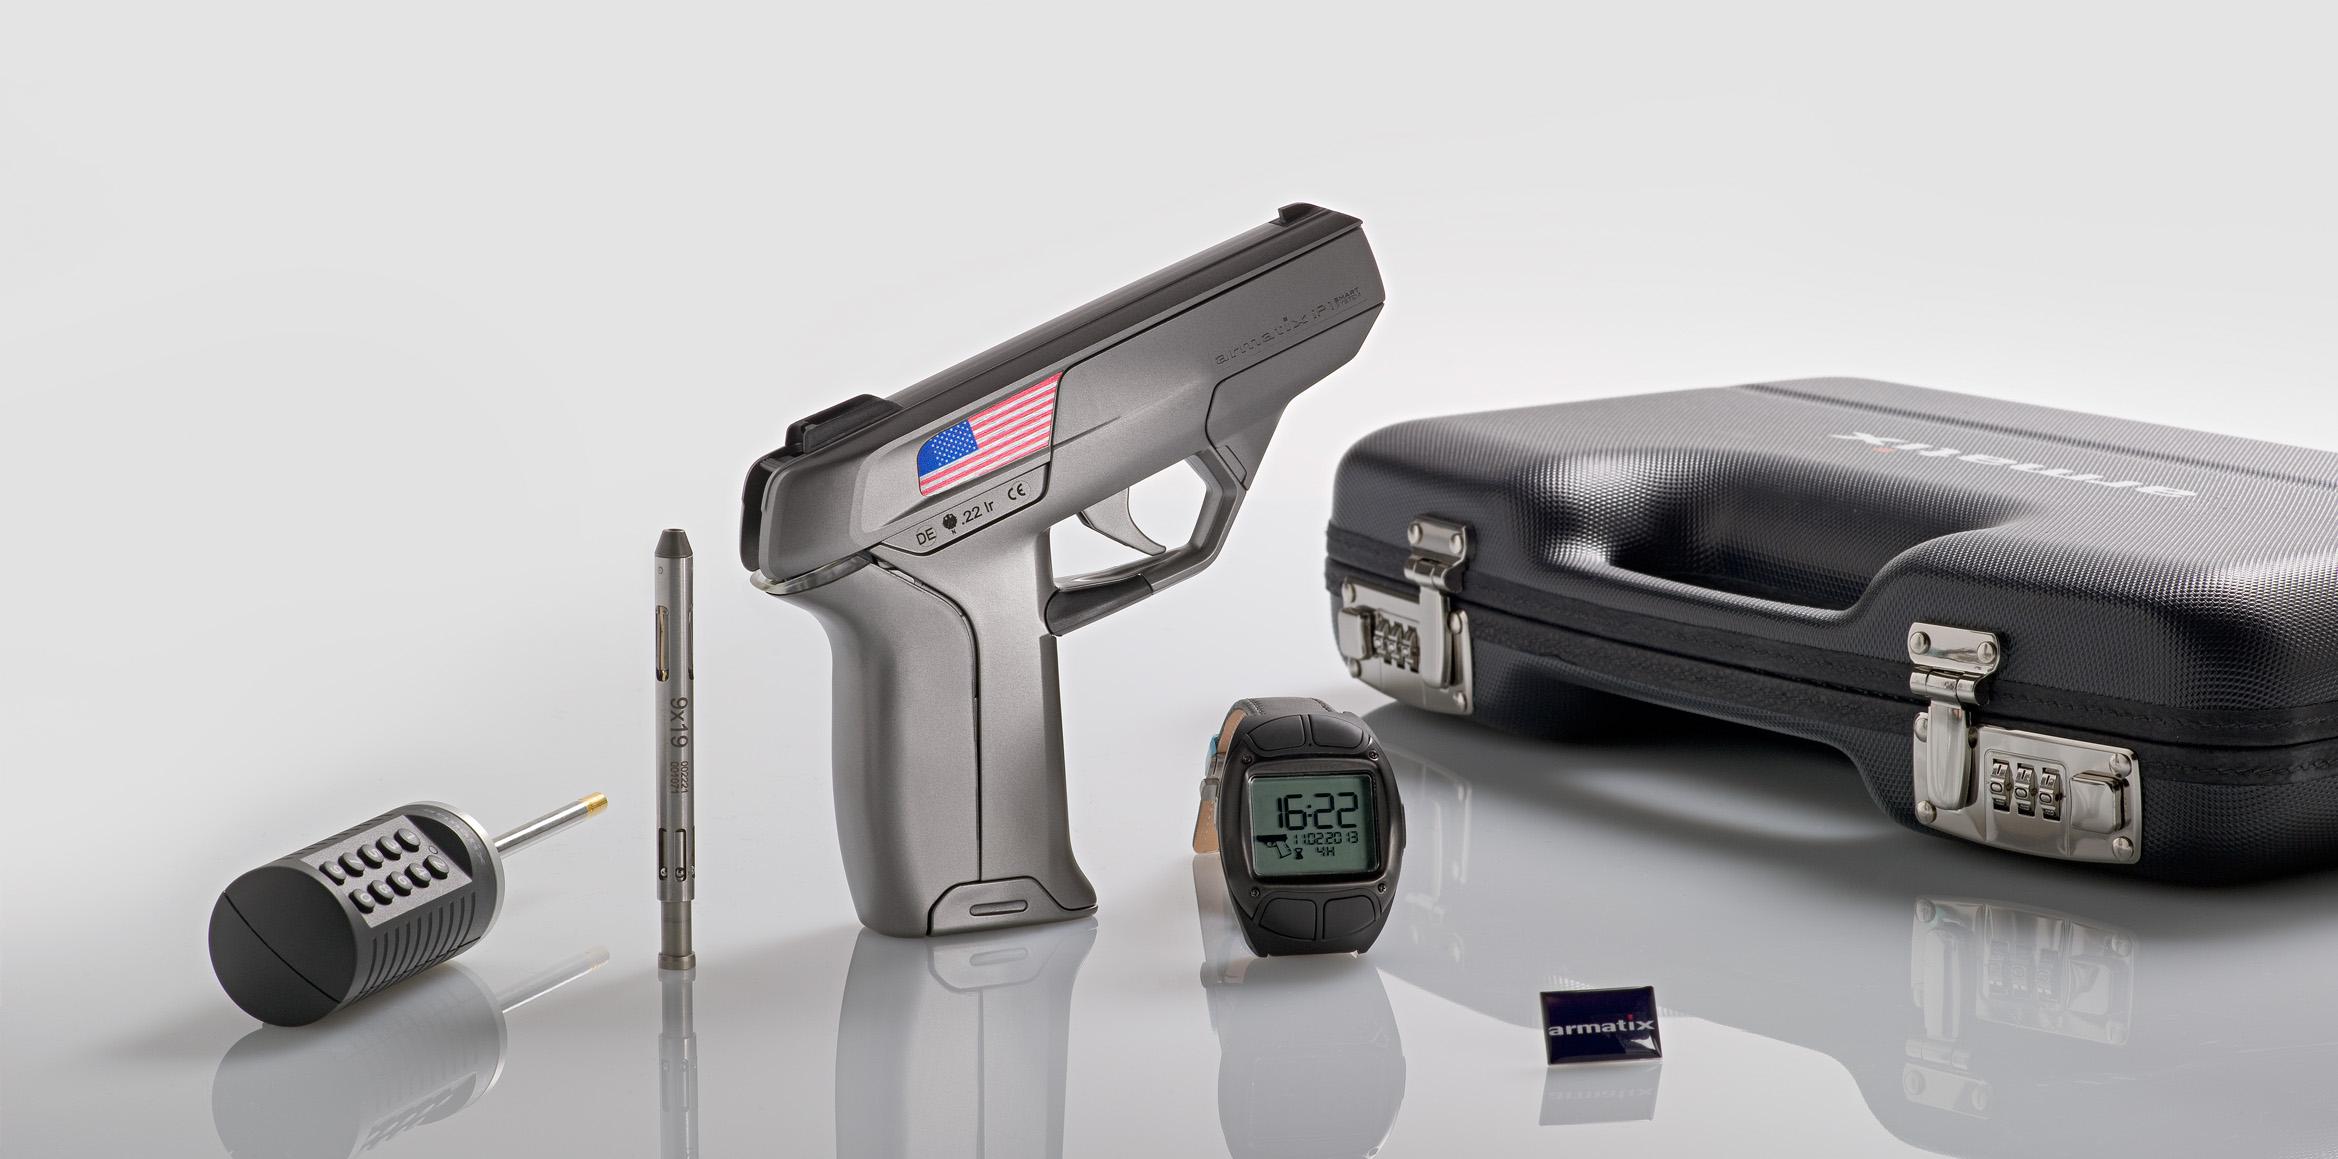 Bộ trang bị giúp tránh tình trạng vũ khí quân sự bị đánh cắp và sử dụng trái phép